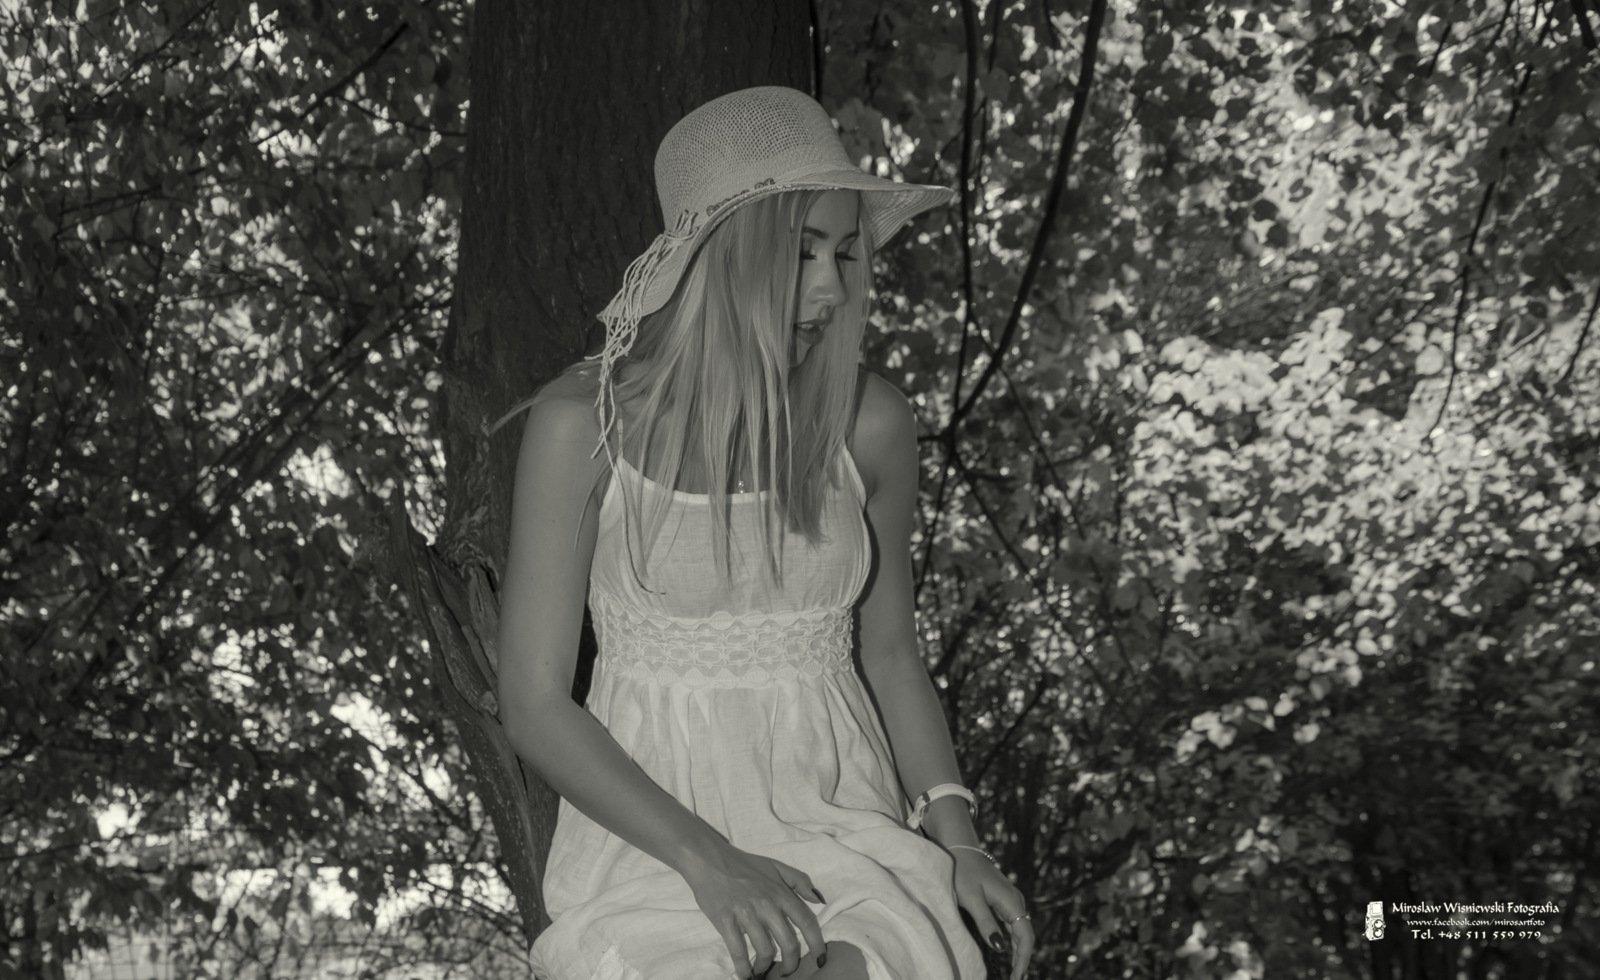 sesja plenerowa, Miroslaw Wisniewski Fotografia, fotograf śląsk